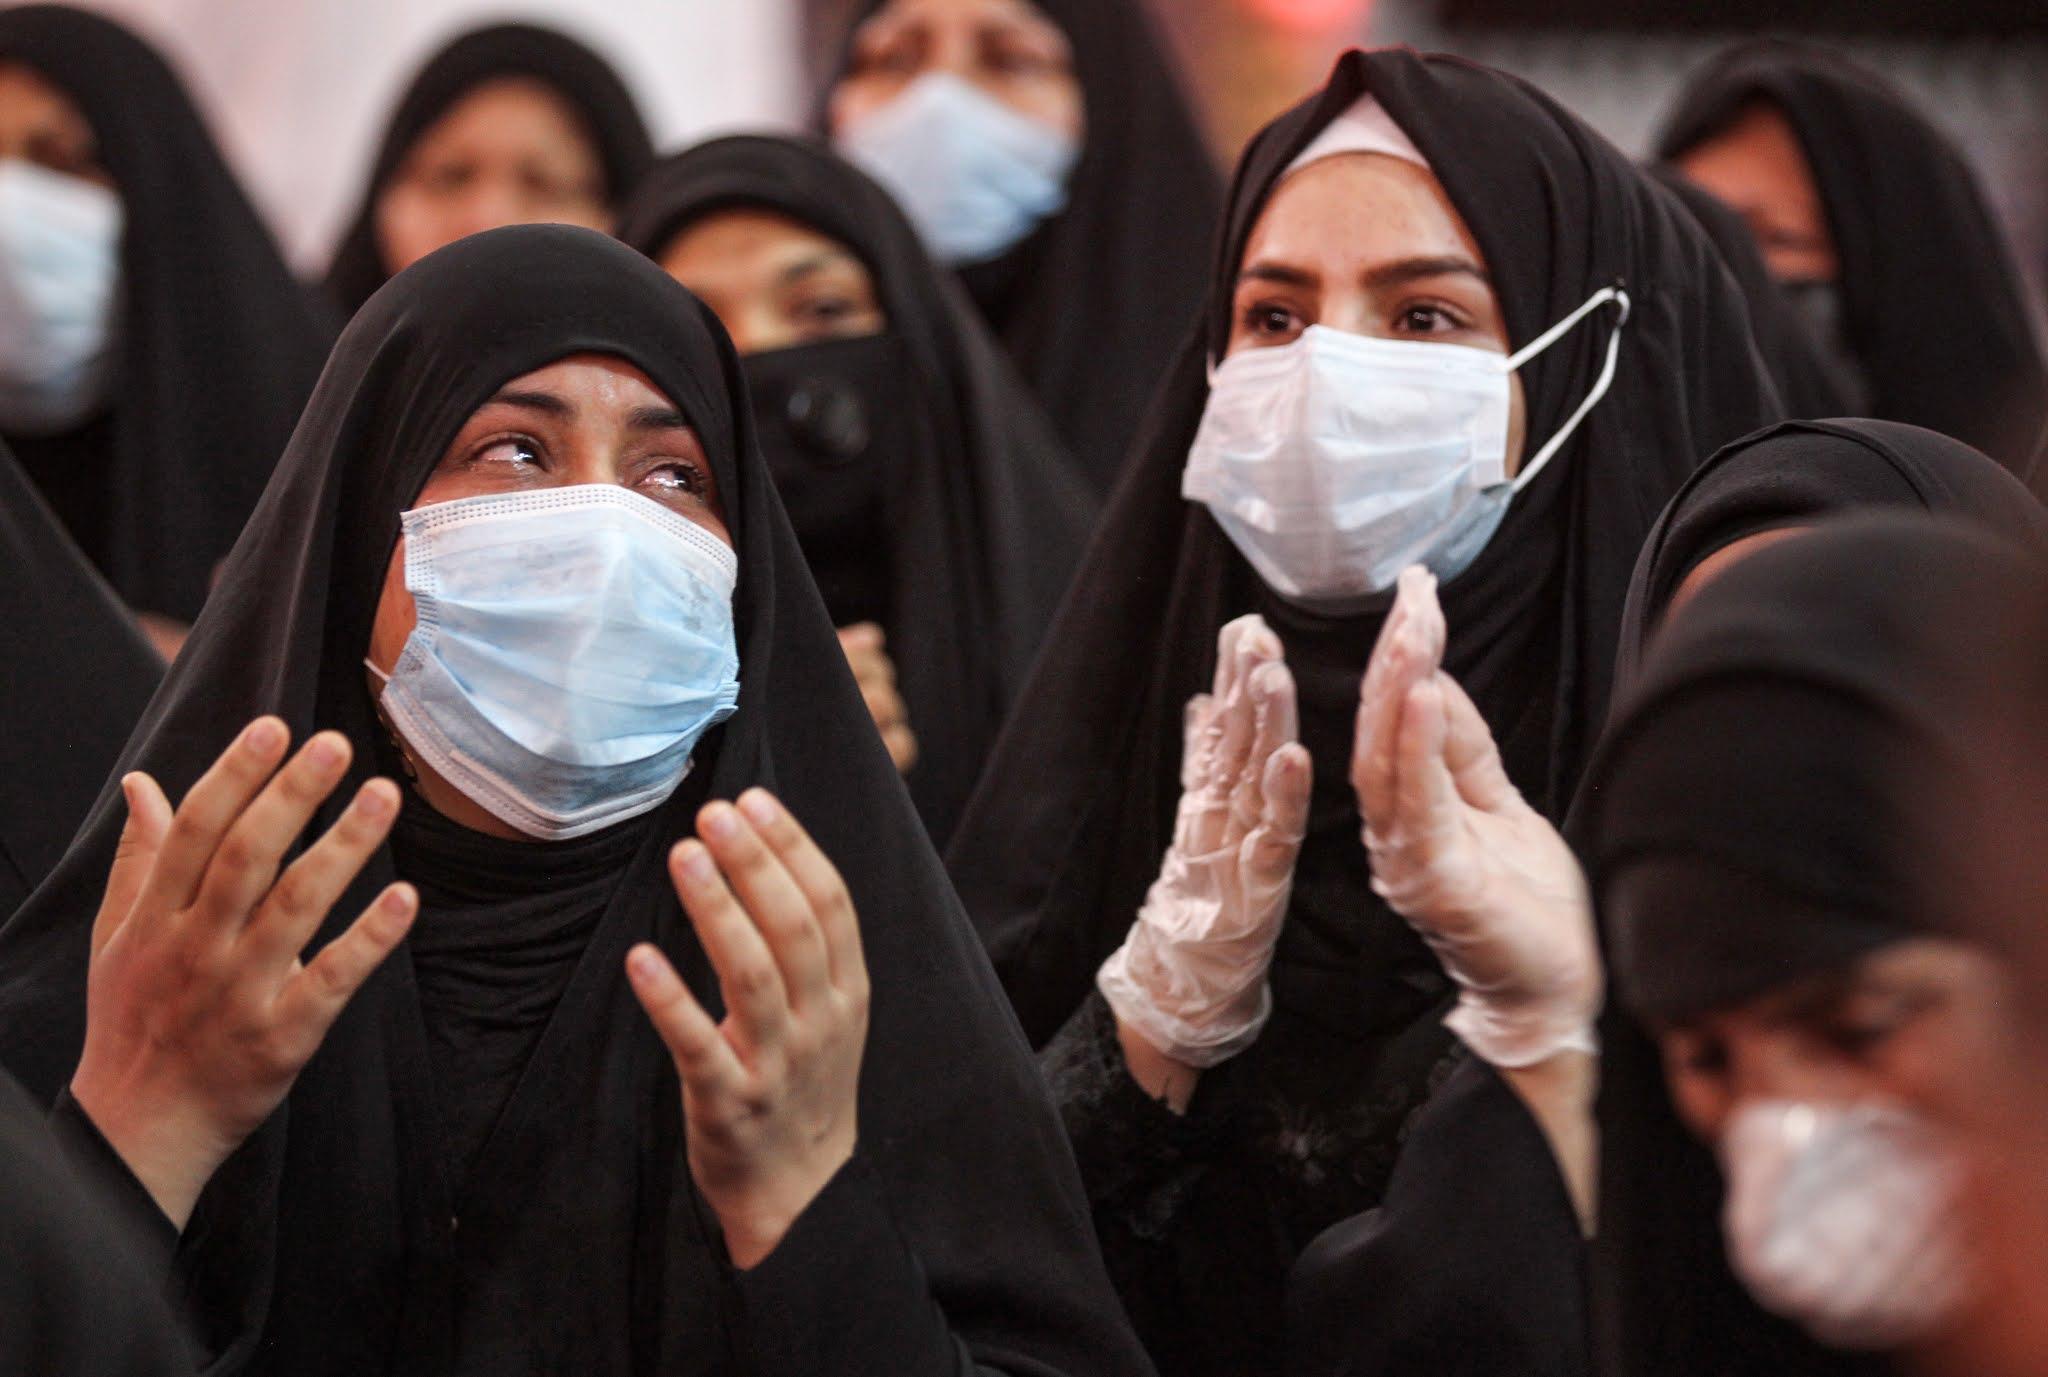 الصحة تعلن الموقف الوبائي اليومي الخاص بكورونا